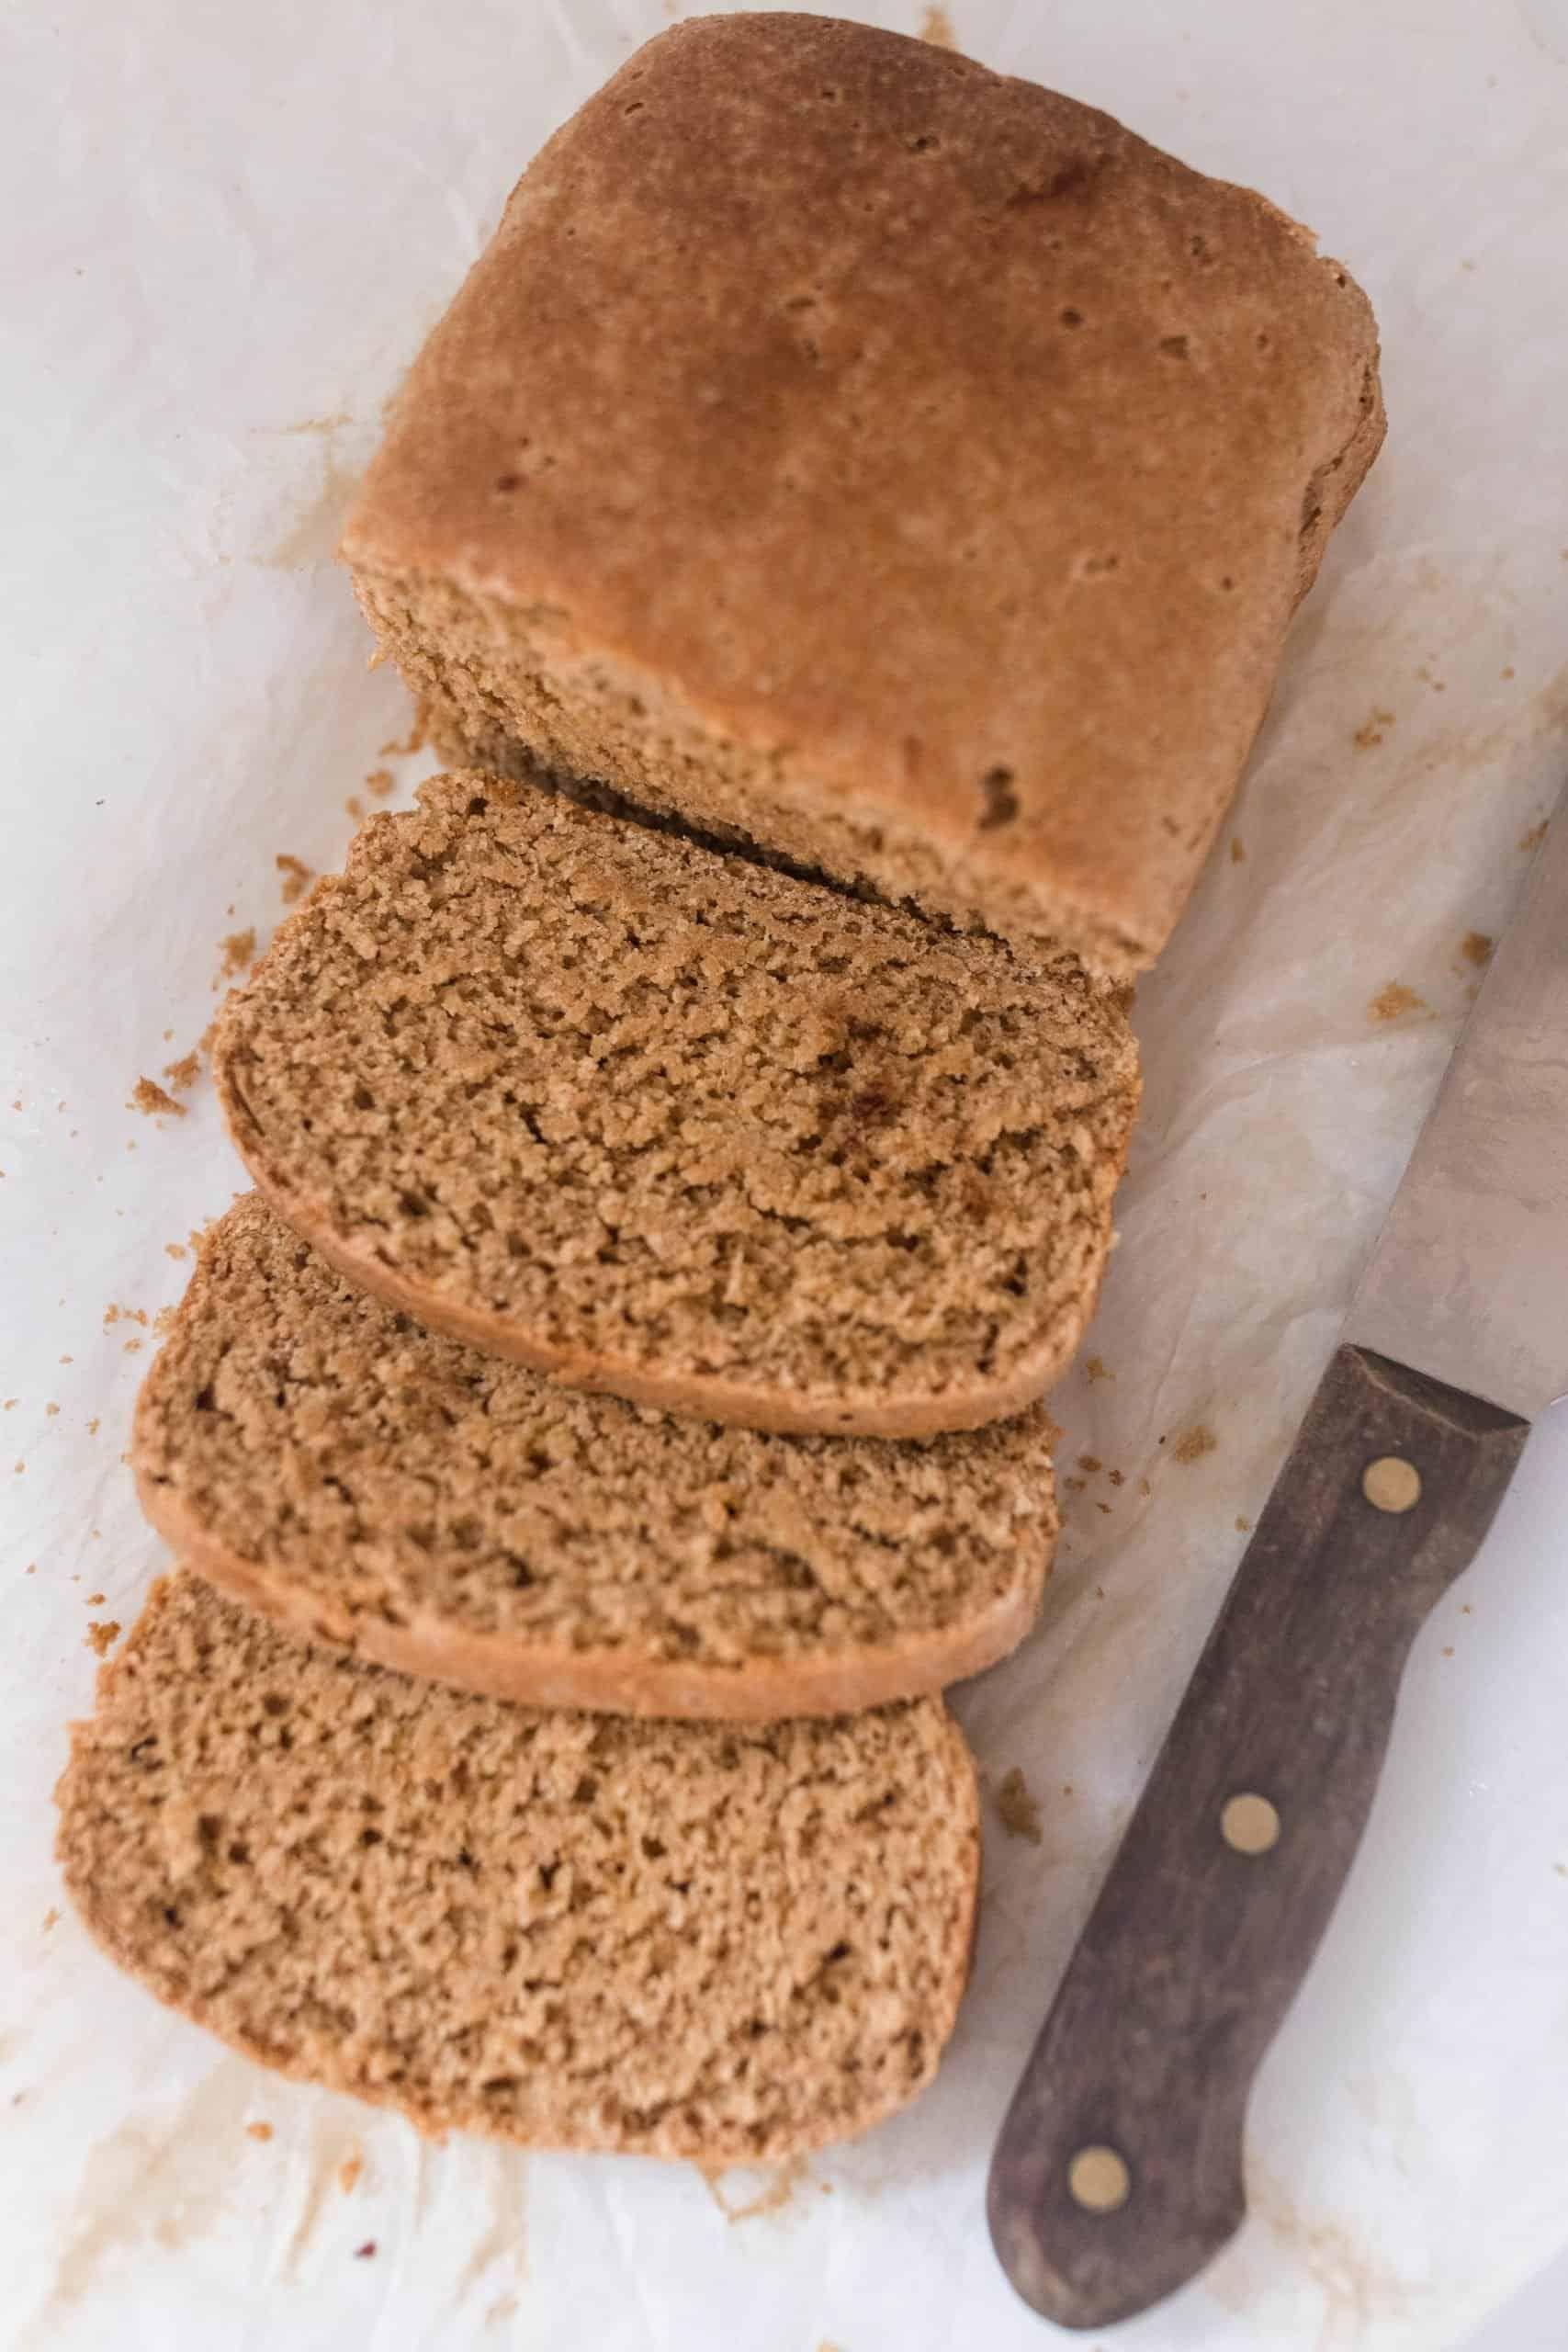 Pin on Baking ideas